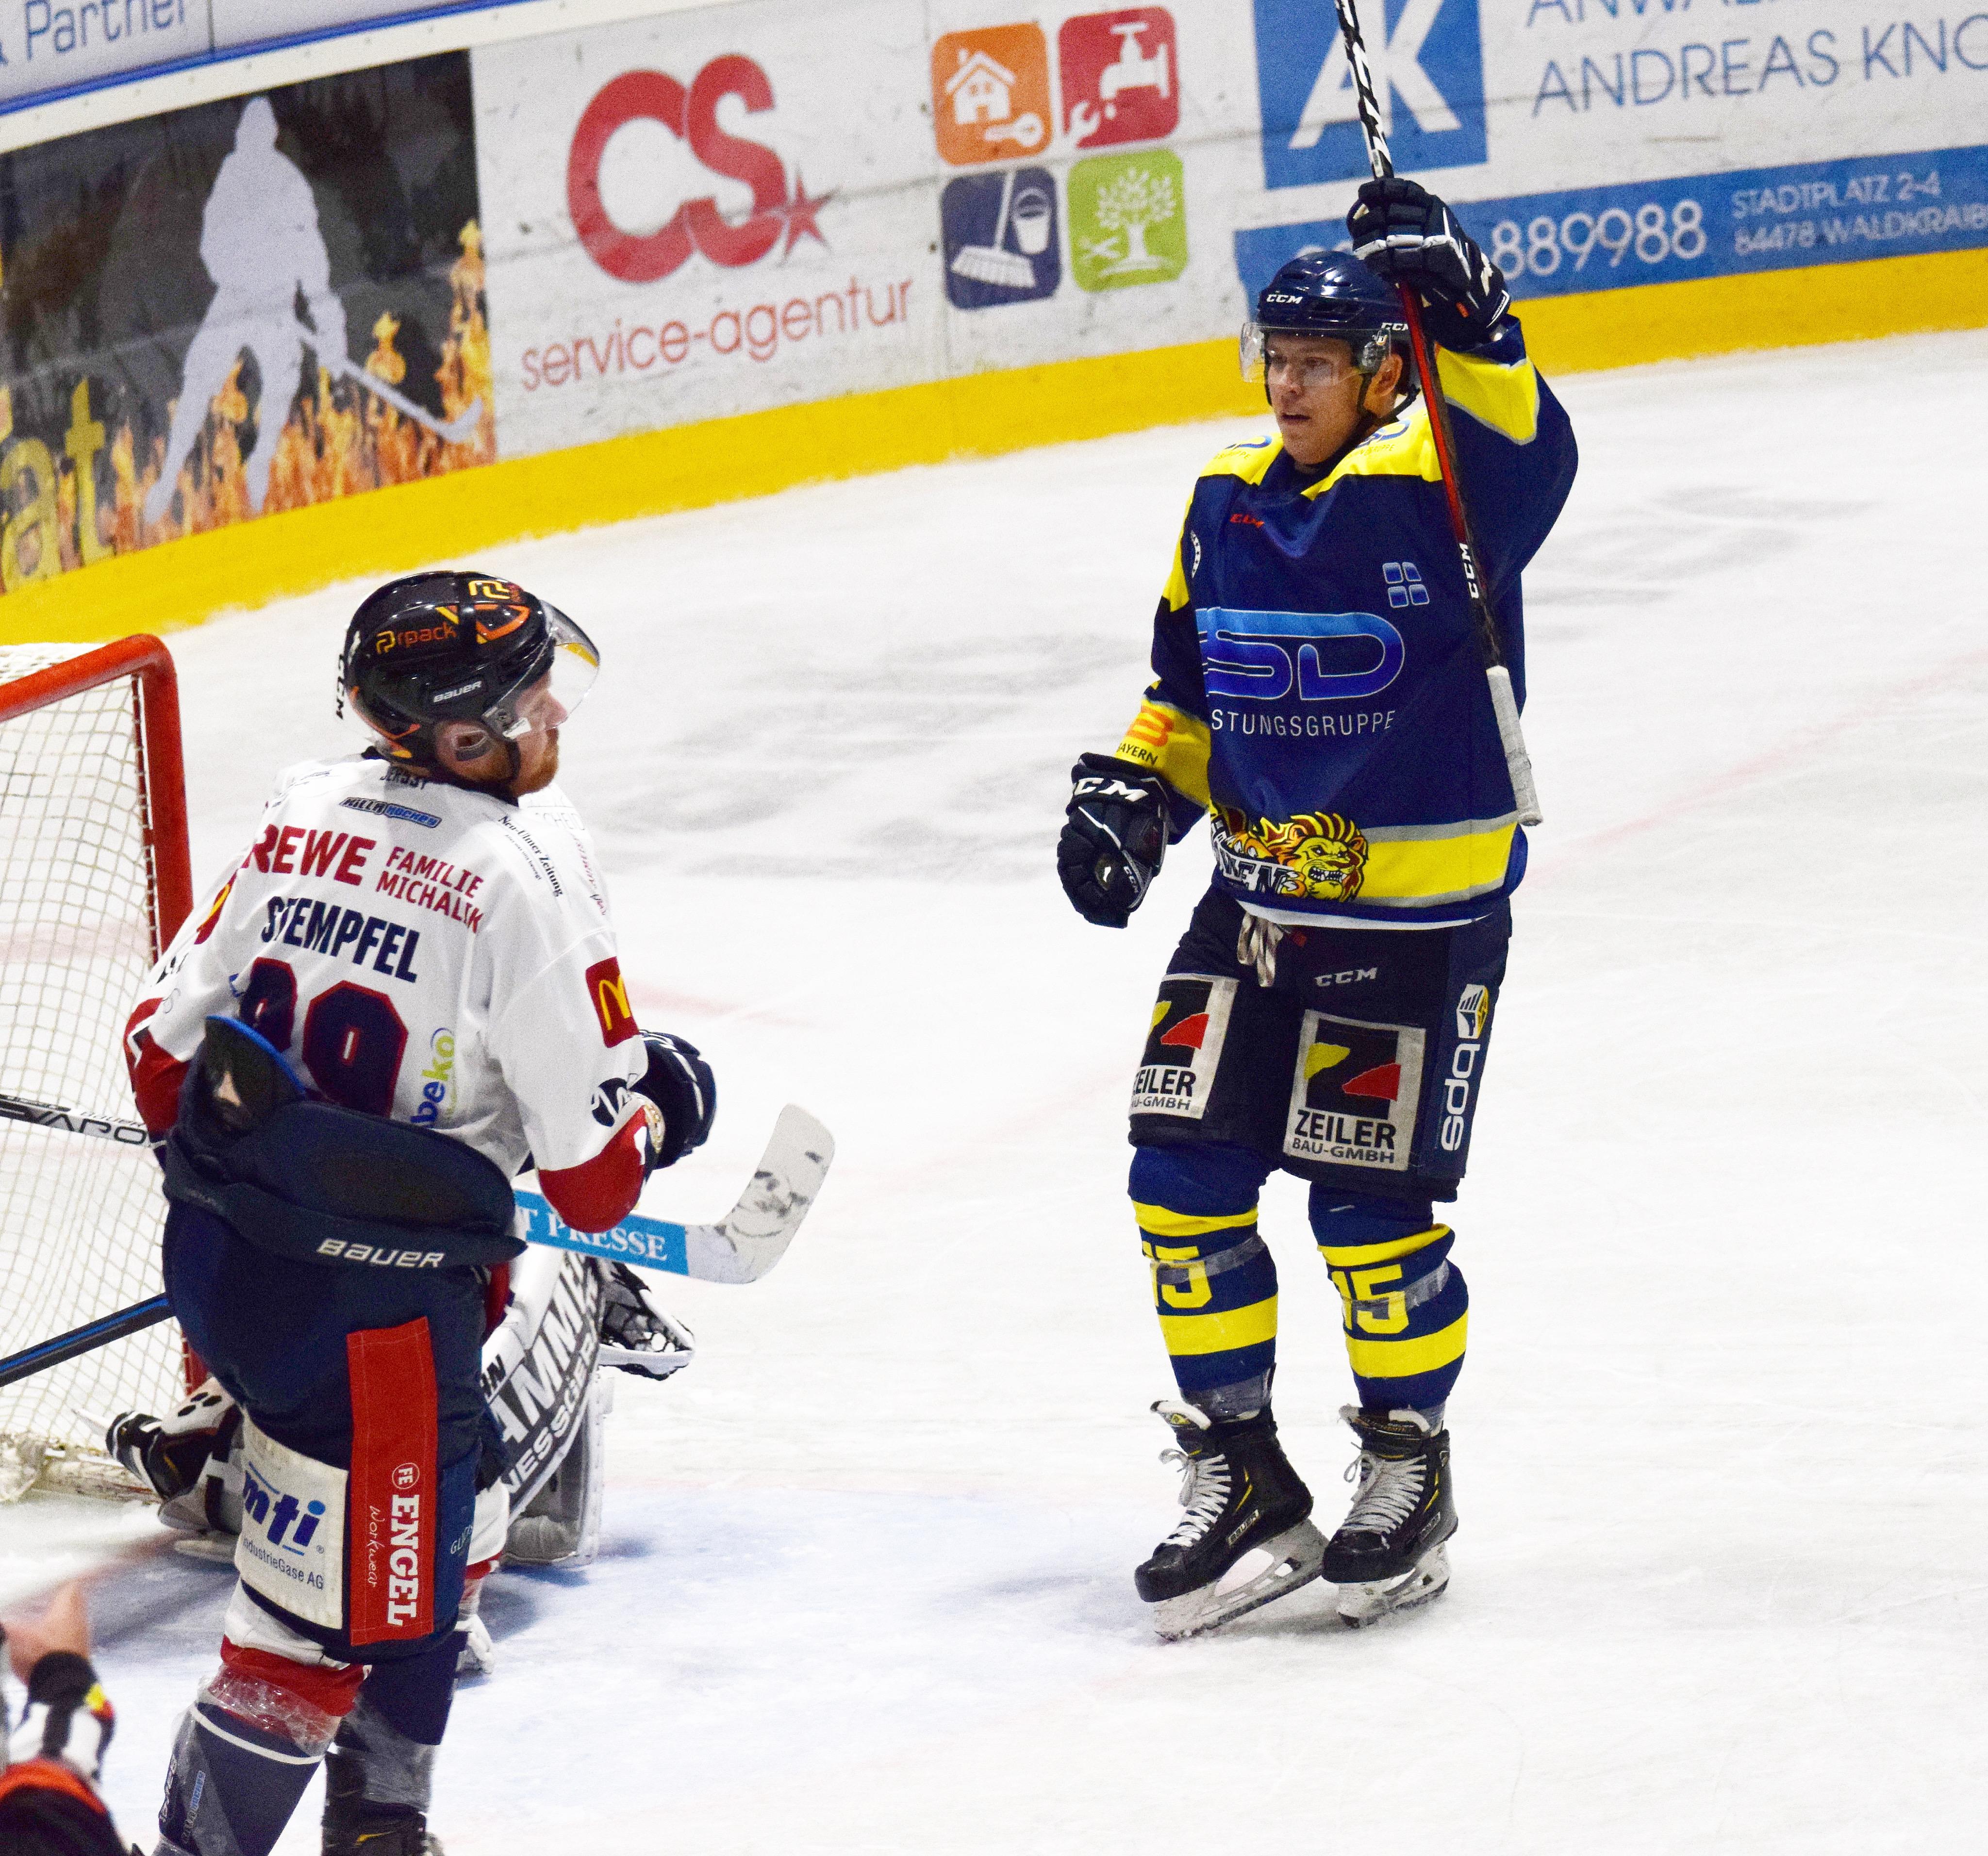 Acht Punkte steuerte Christof Hradek zum 10:0 Sieg gegen den VfE Ulm/Neu-Ulm bei